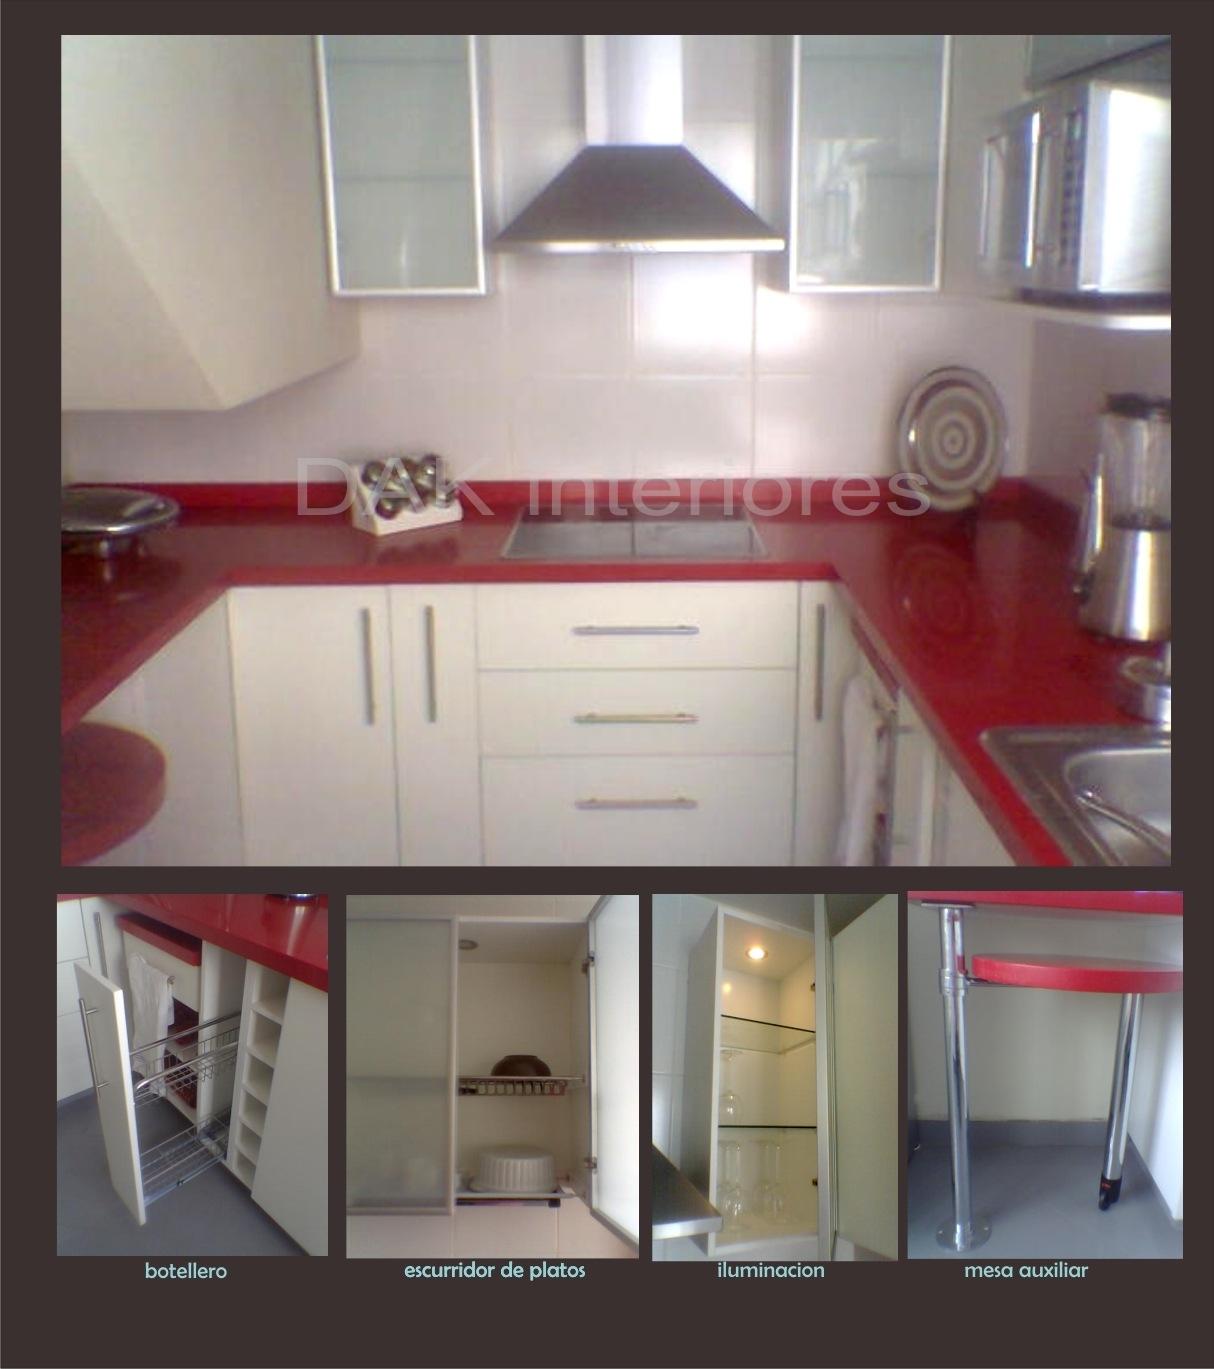 Dak dise o de interiores remodelaci n en pocos metros 2 for Remodelacion de muebles de sala